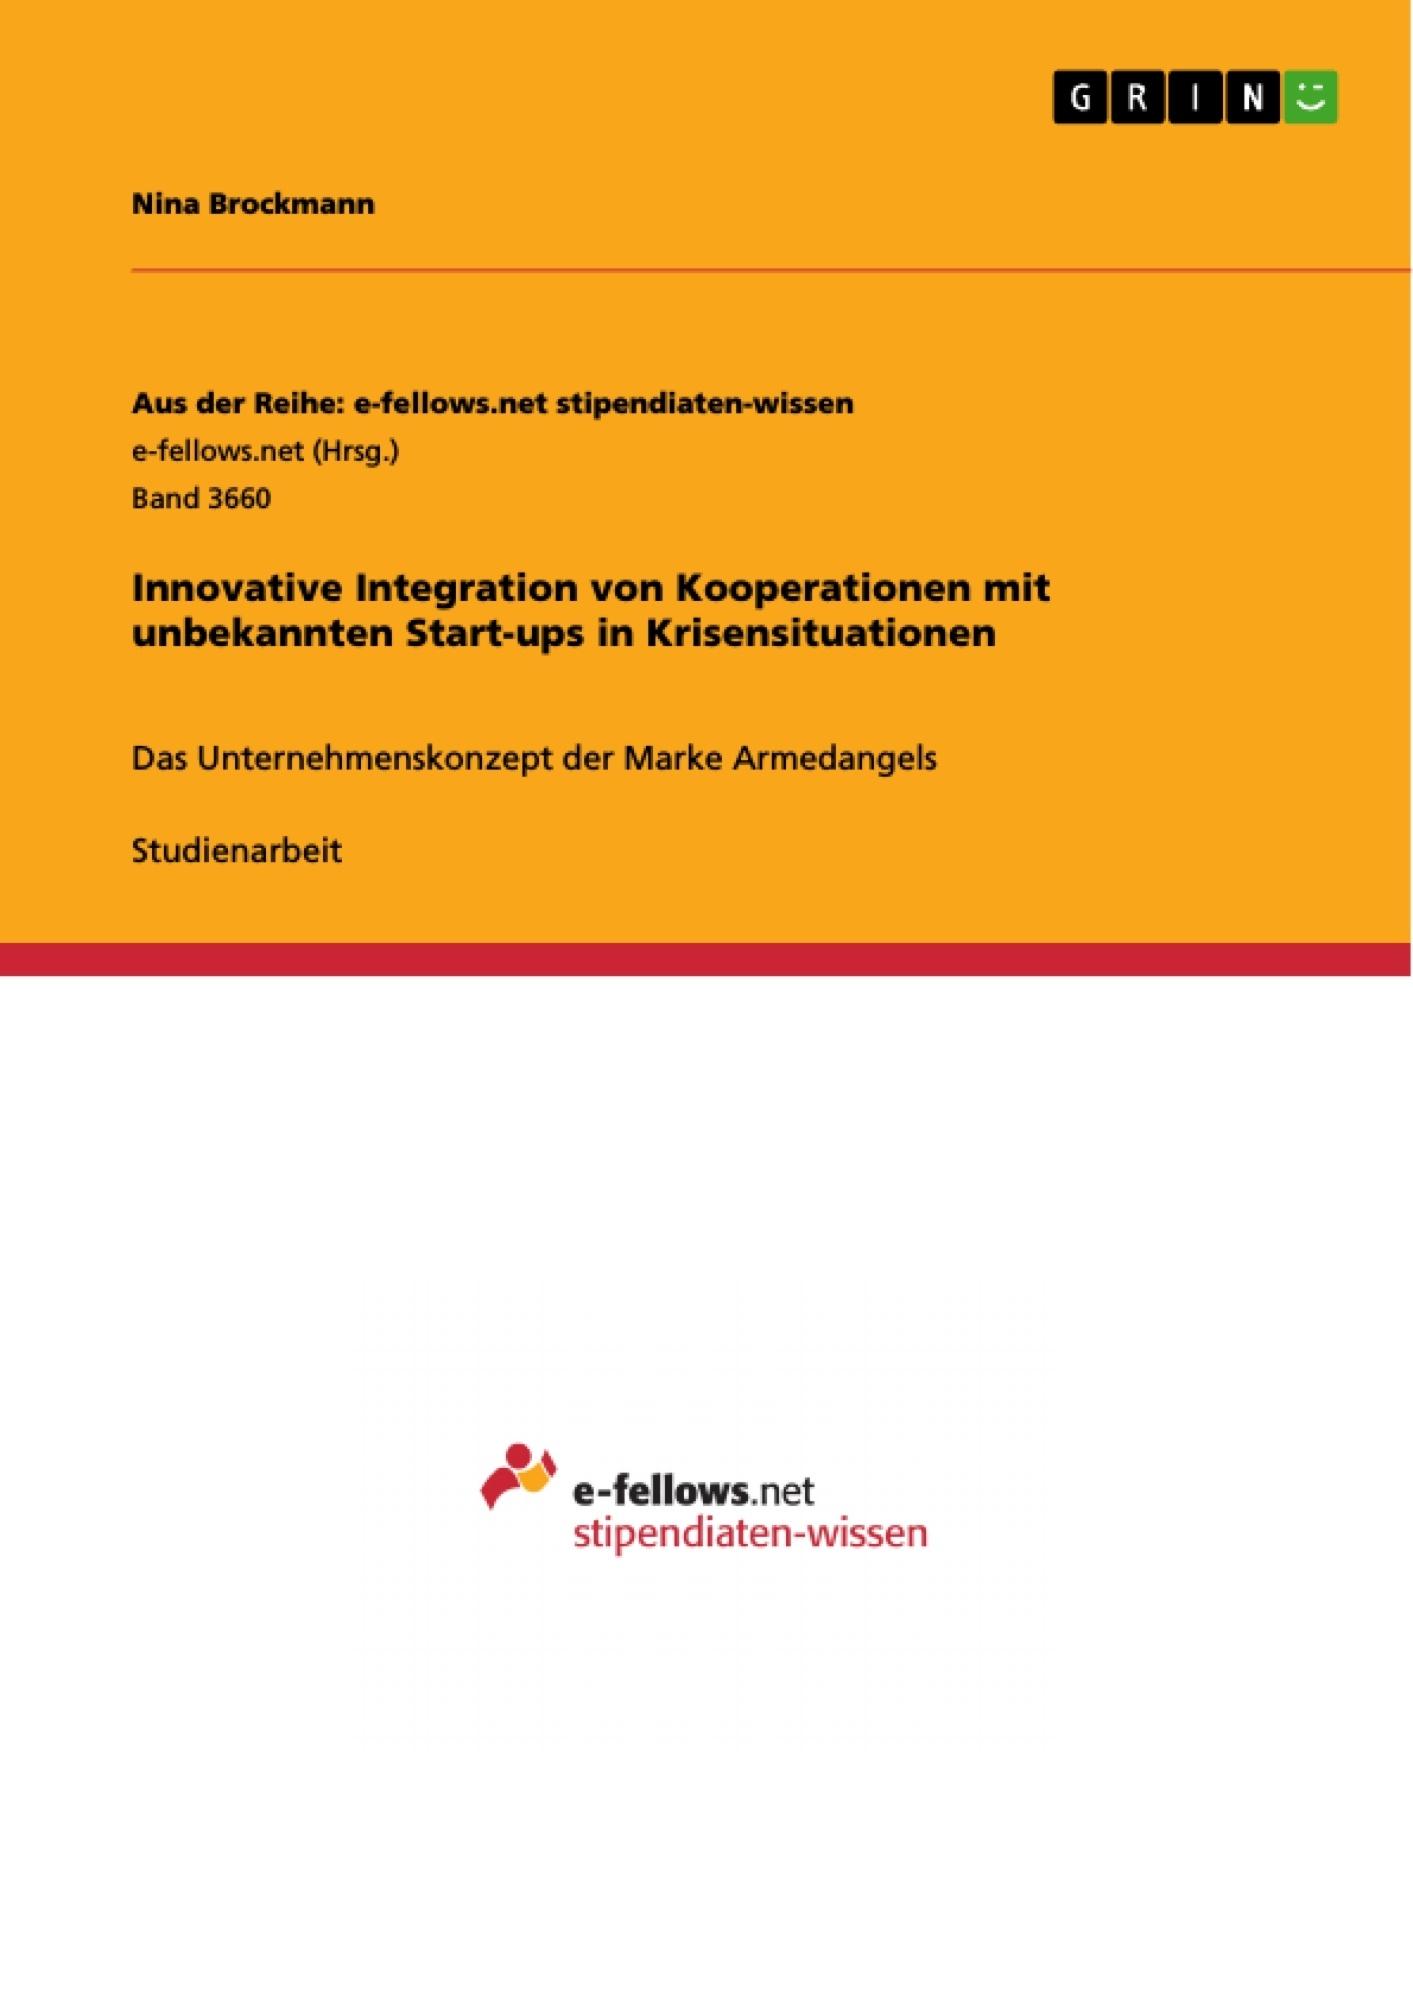 Titel: Innovative Integration von Kooperationen mit unbekannten Start-ups in Krisensituationen